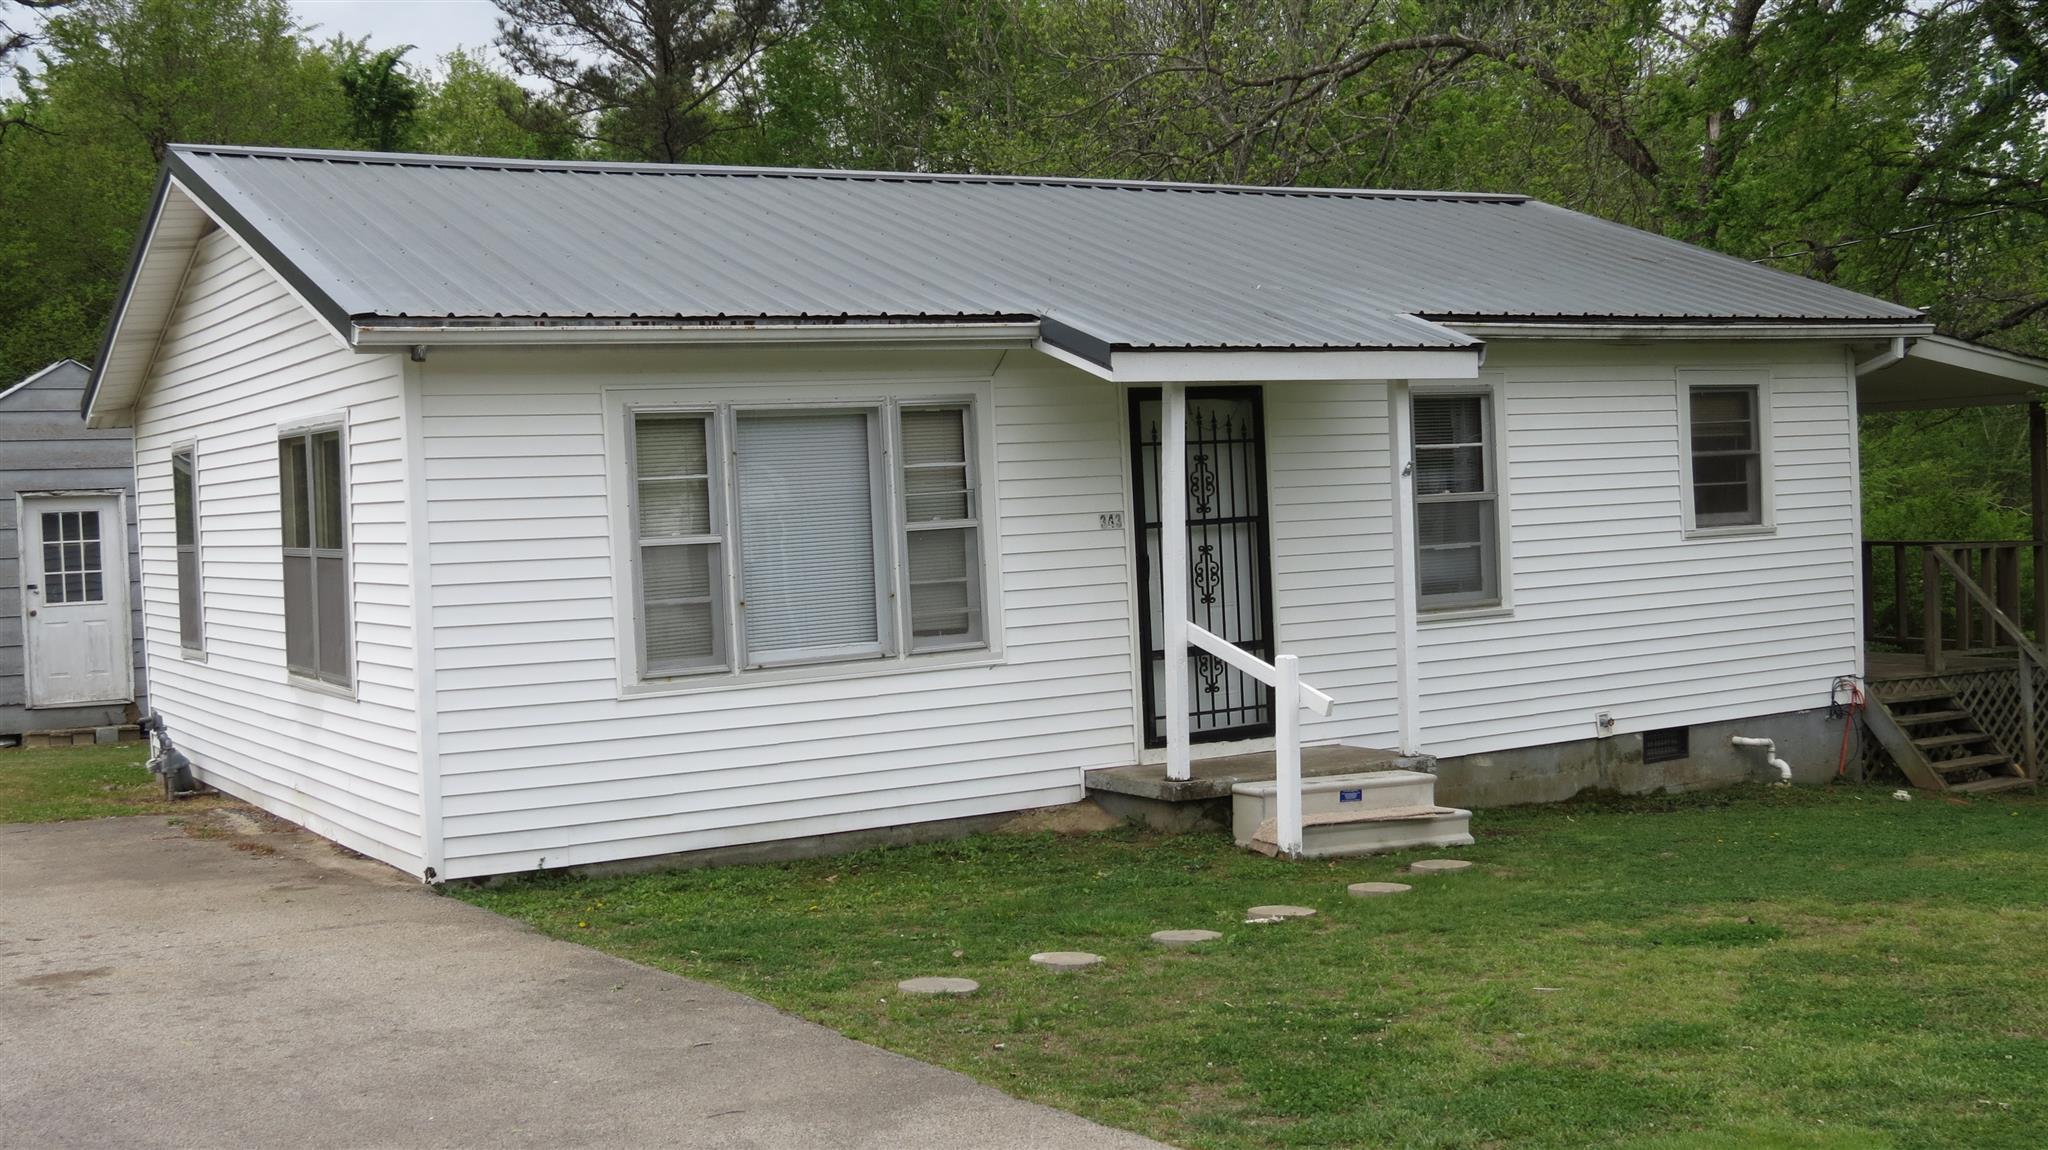 343 W 3rd St, Parsons, TN 38363